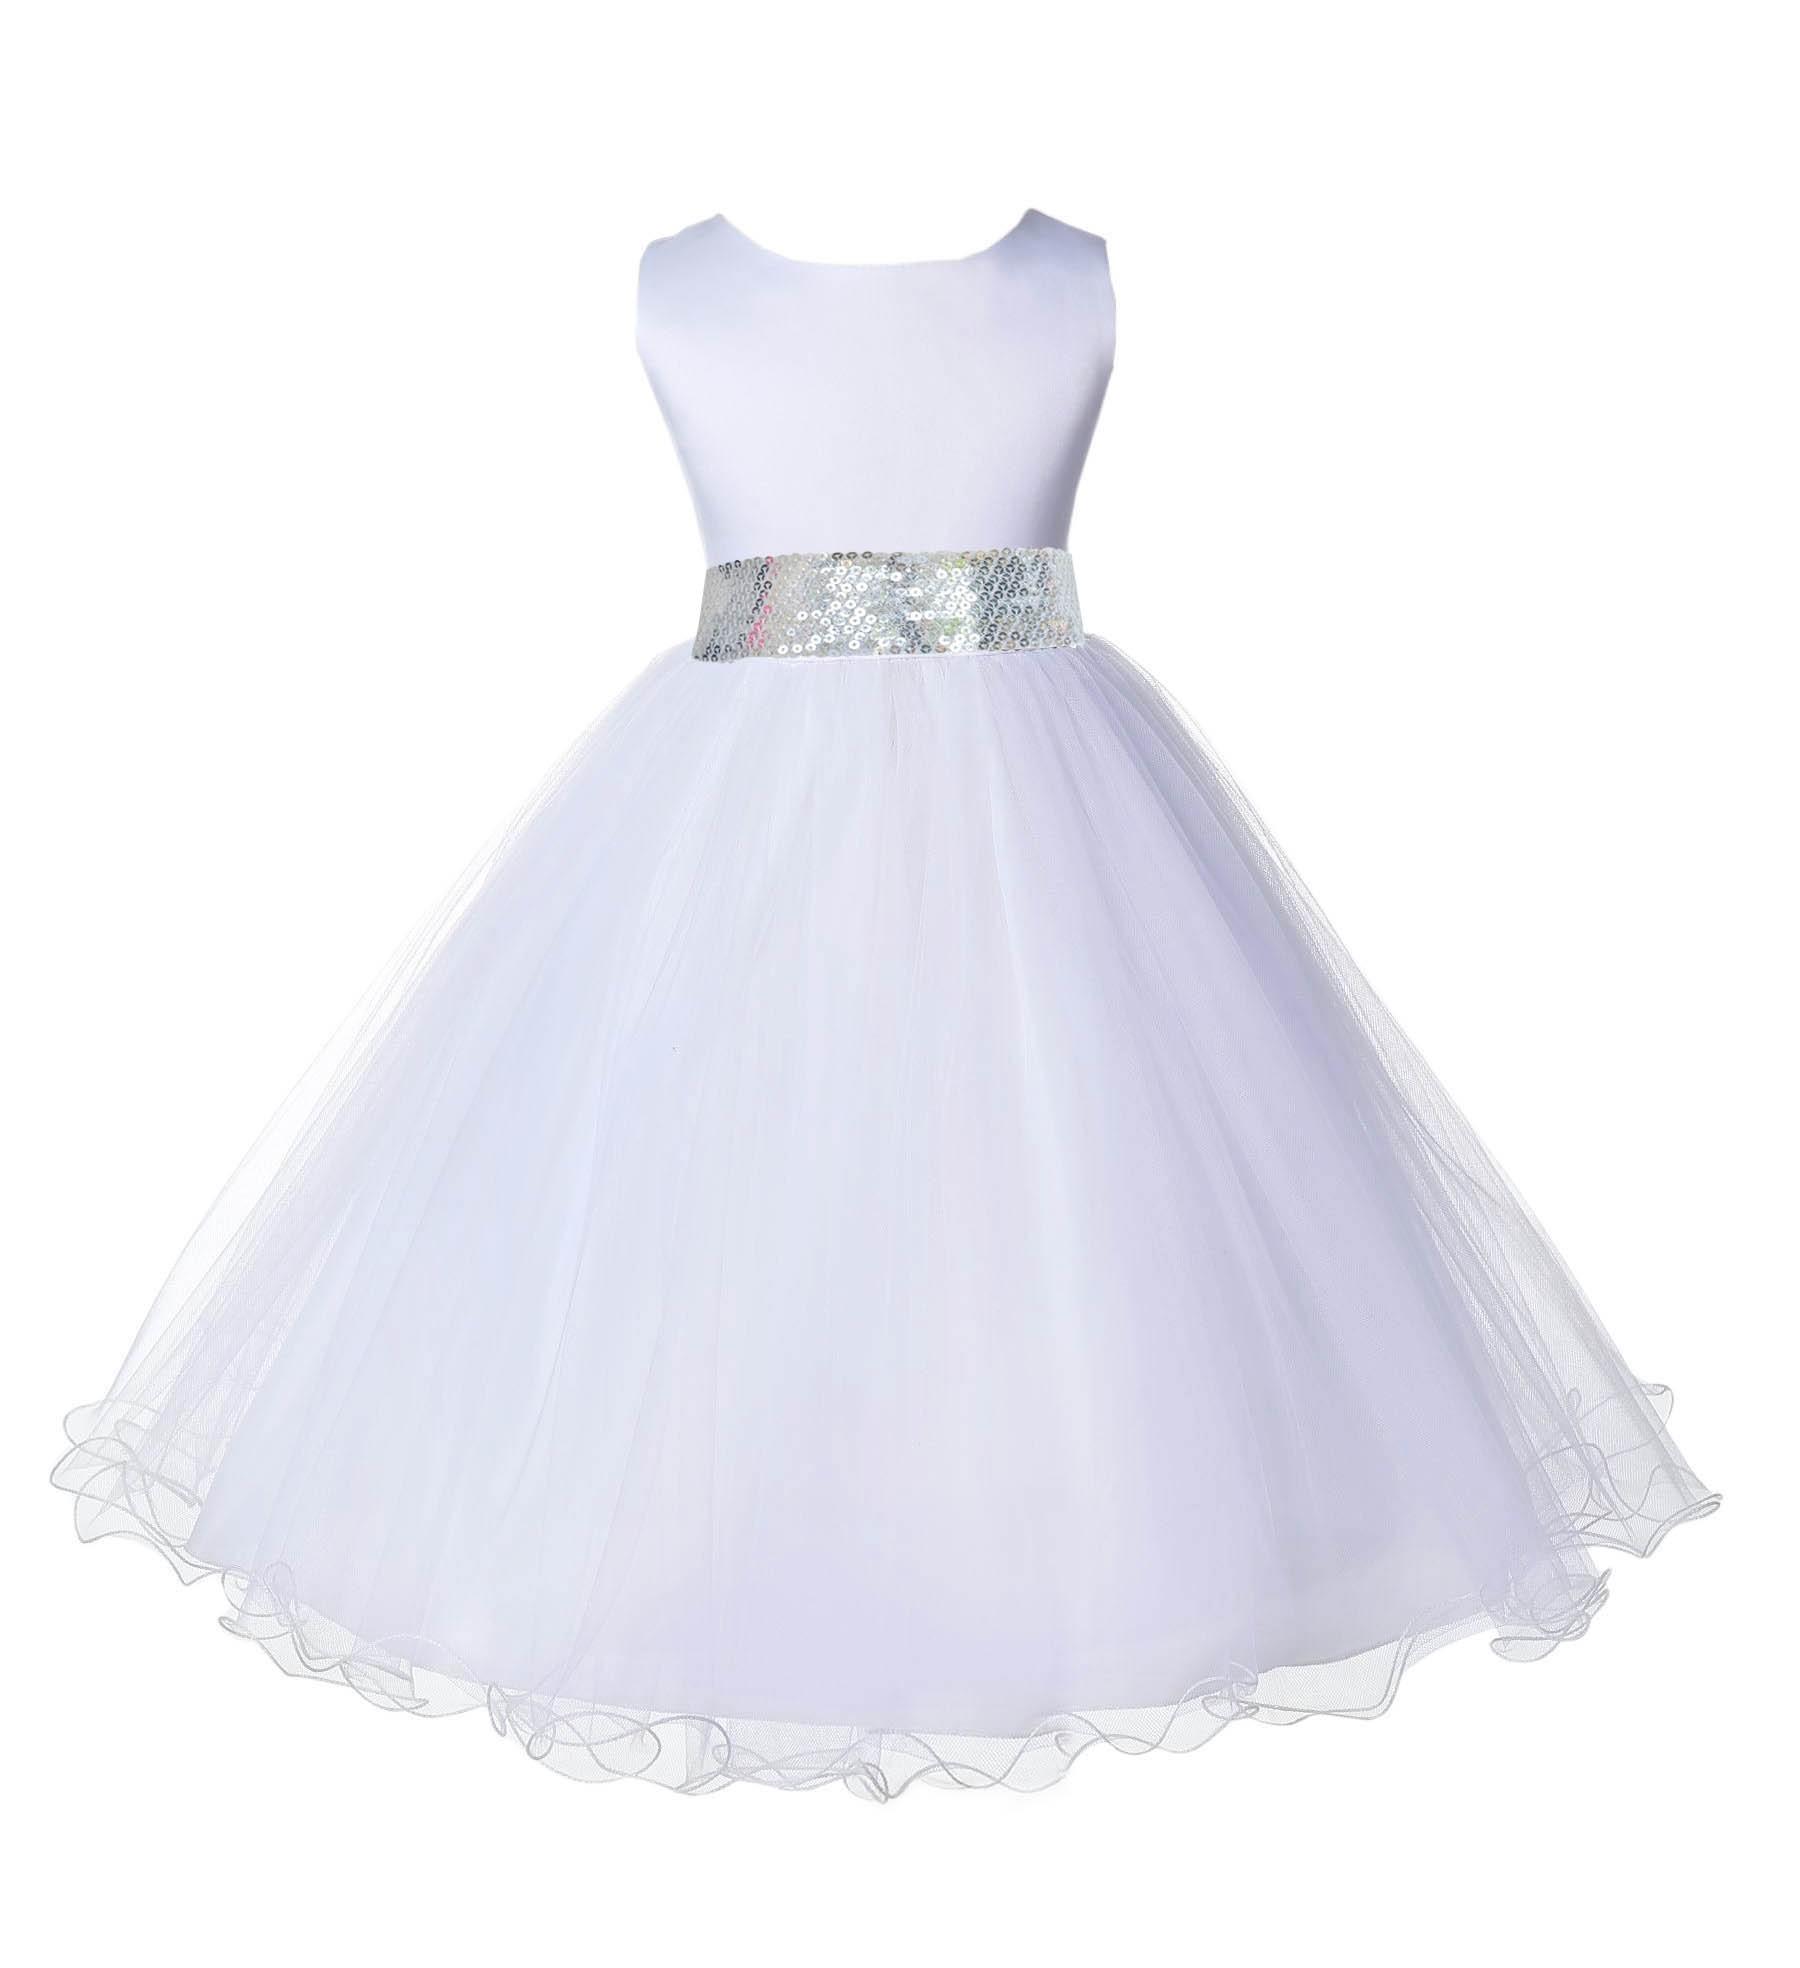 White tulle rattail edge silver sequin sash flower girl dress 829mh mightylinksfo